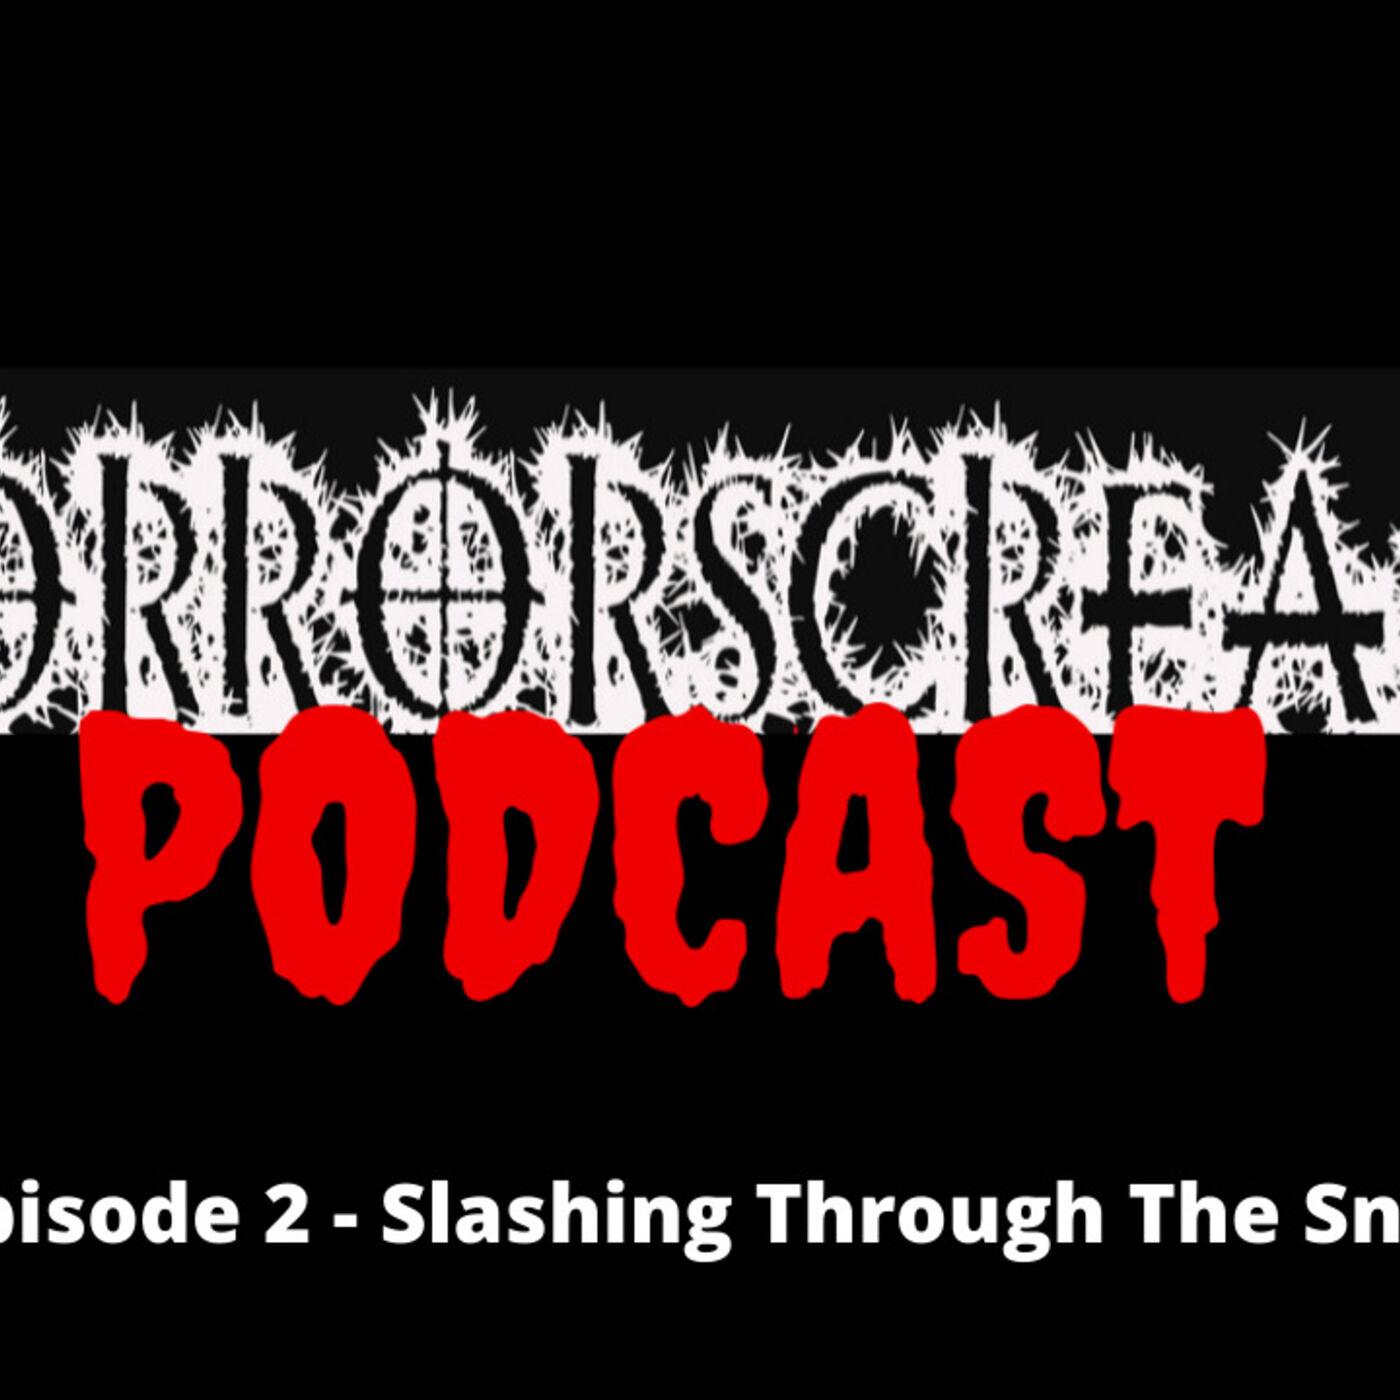 HORRORSCREAMS PODCAST: Episode 2 - Slashing Through The Snow.